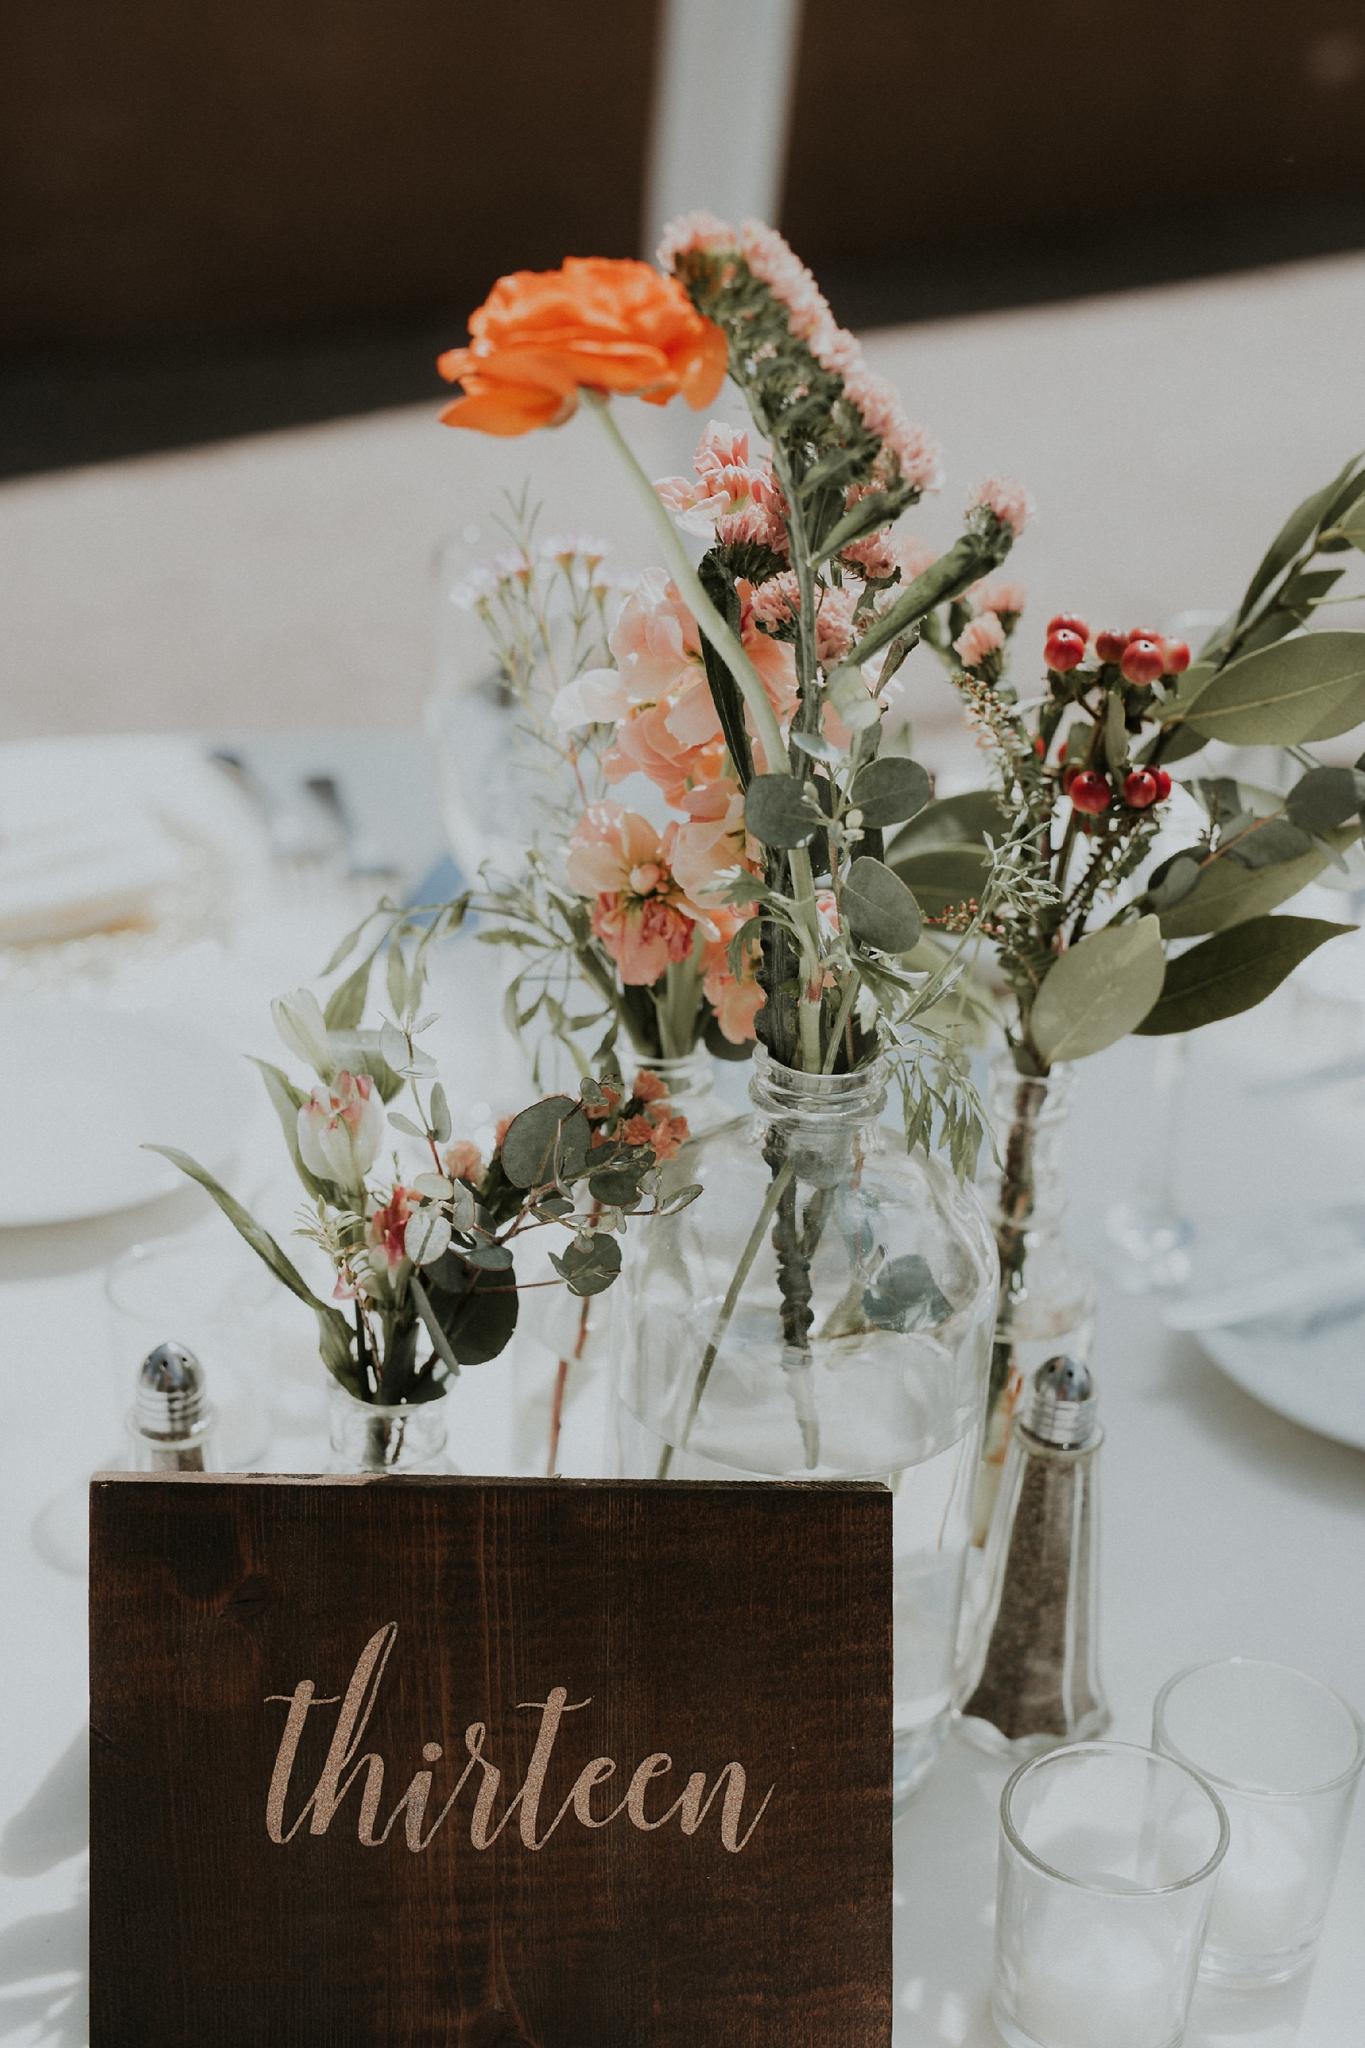 Alicia+lucia+photography+-+albuquerque+wedding+photographer+-+santa+fe+wedding+photography+-+new+mexico+wedding+photographer+-+new+mexico+wedding+-+new+mexico+florist+-+floriography+flowers+-+floriography+flowers+new+mexico+-+wedding+florist_0107.jpg